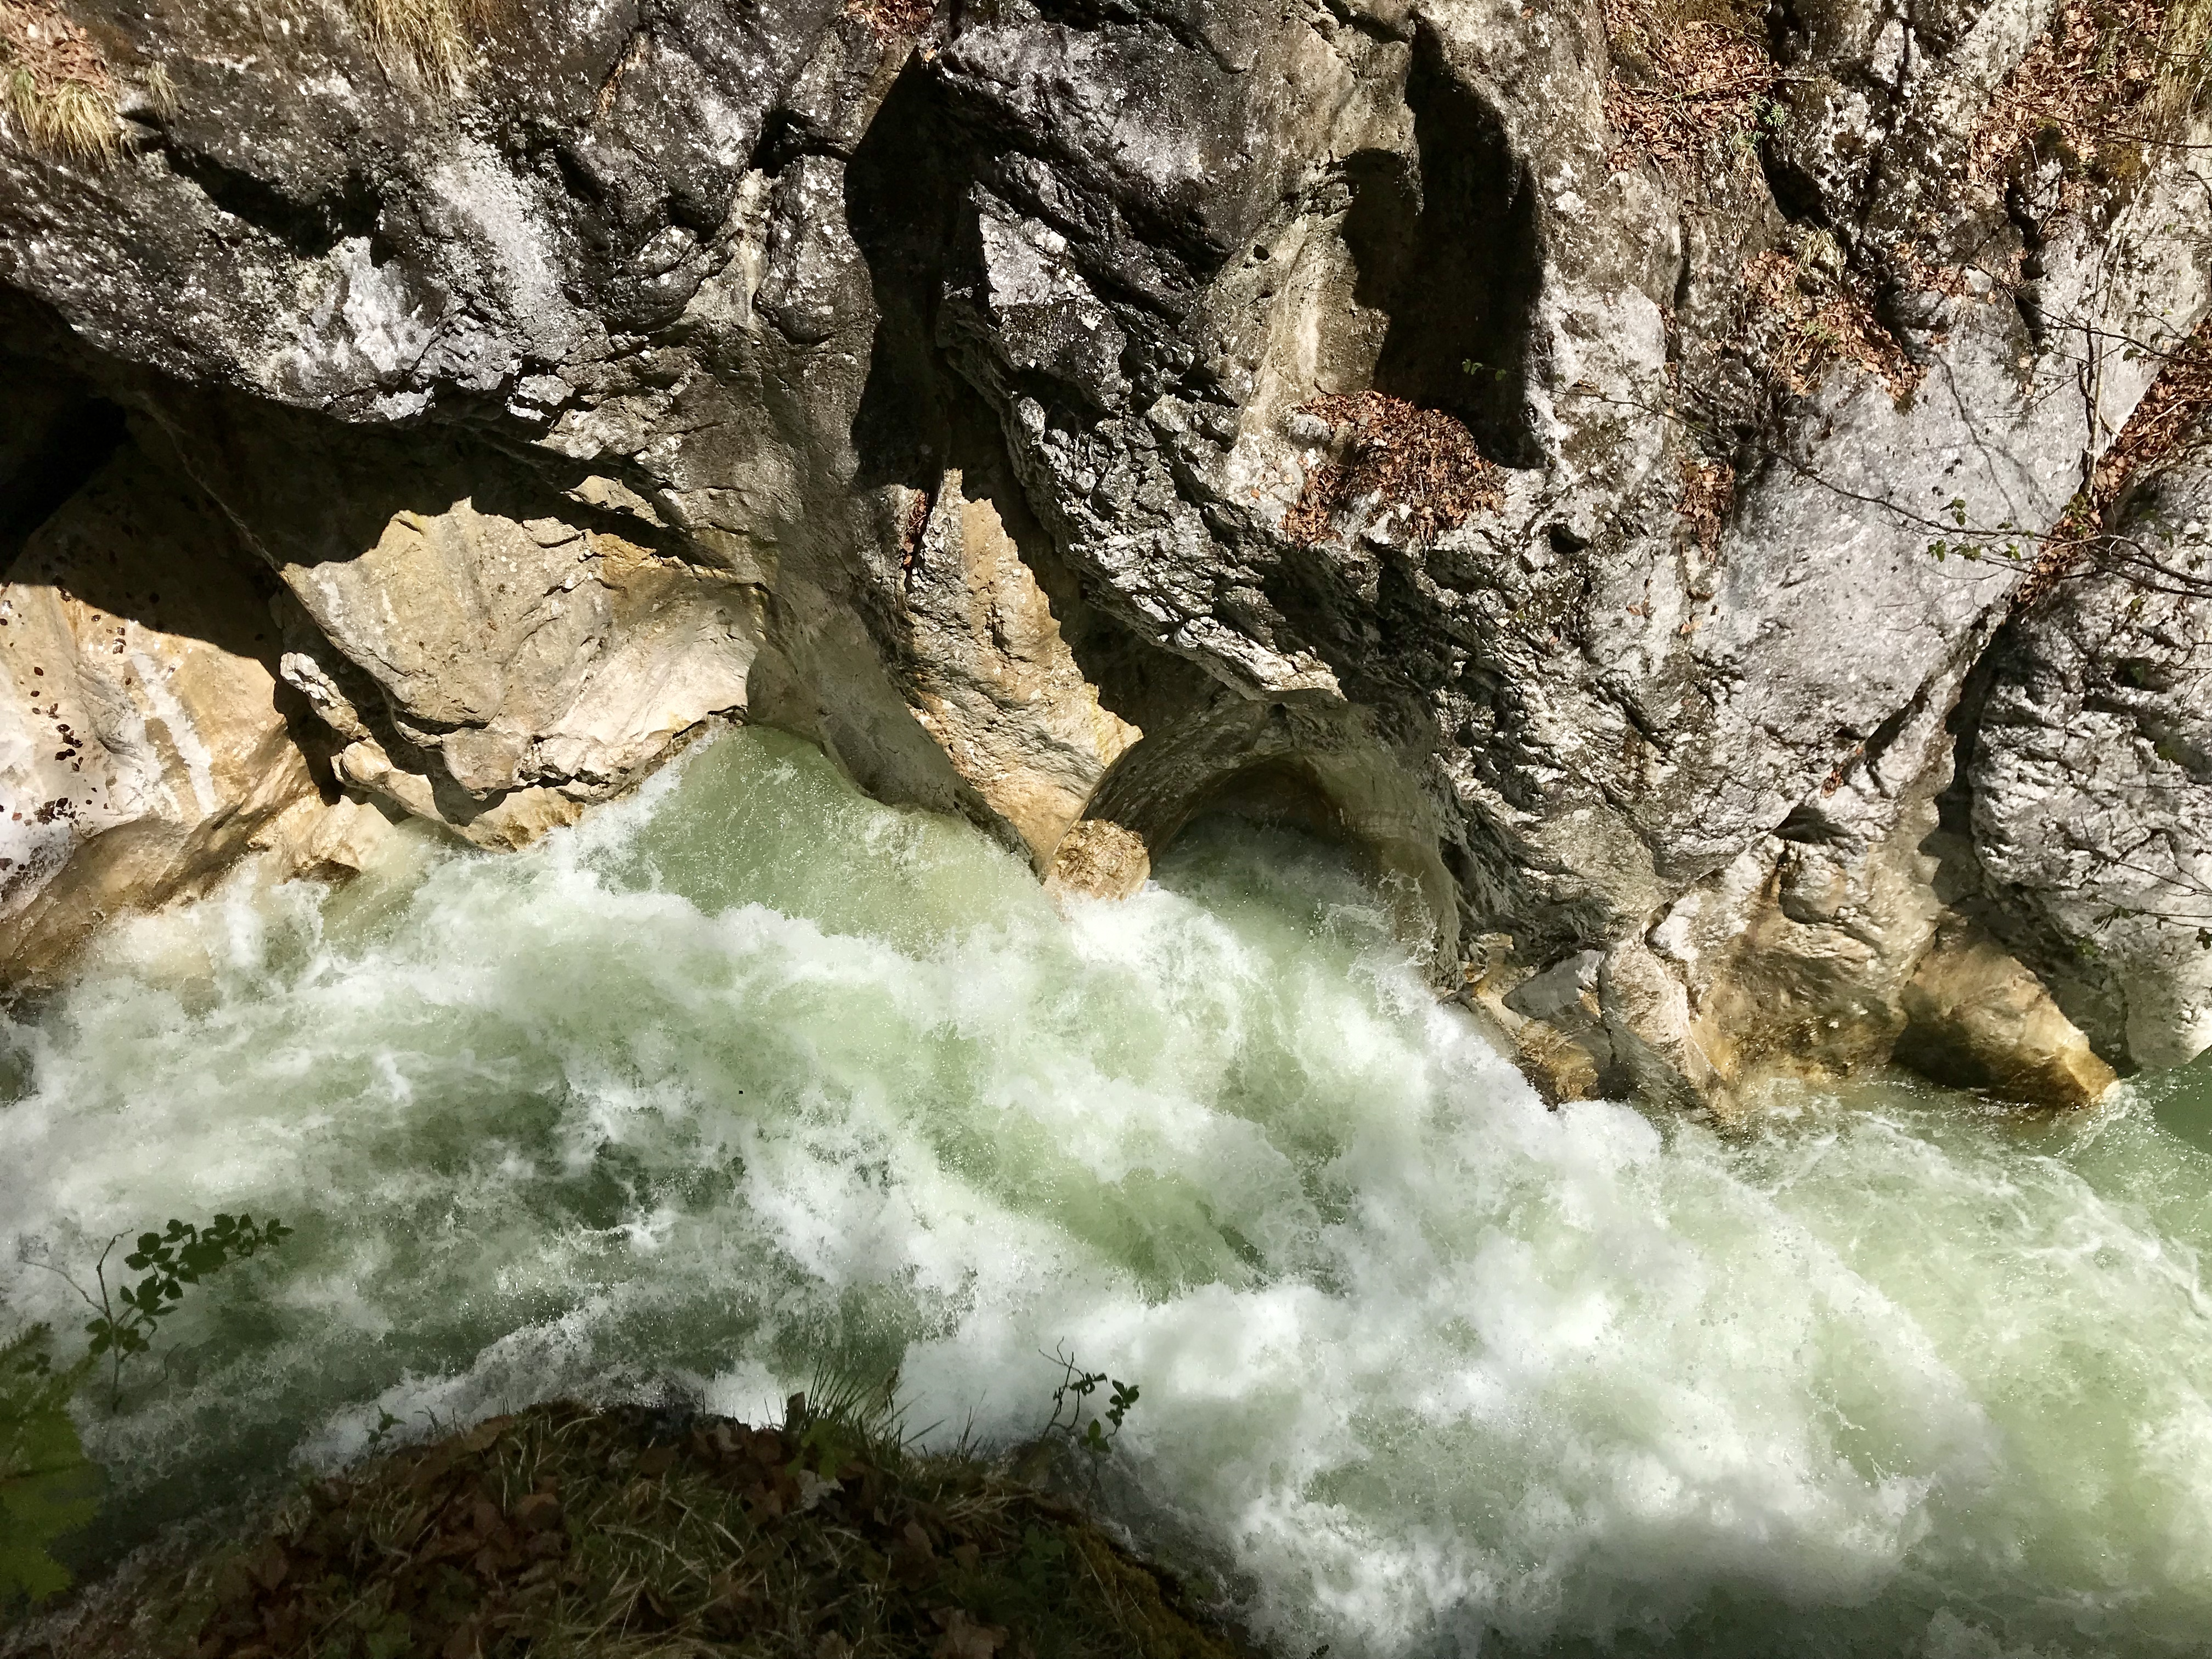 Das rauschende Wasser in der Kaiserklamm in Tirol